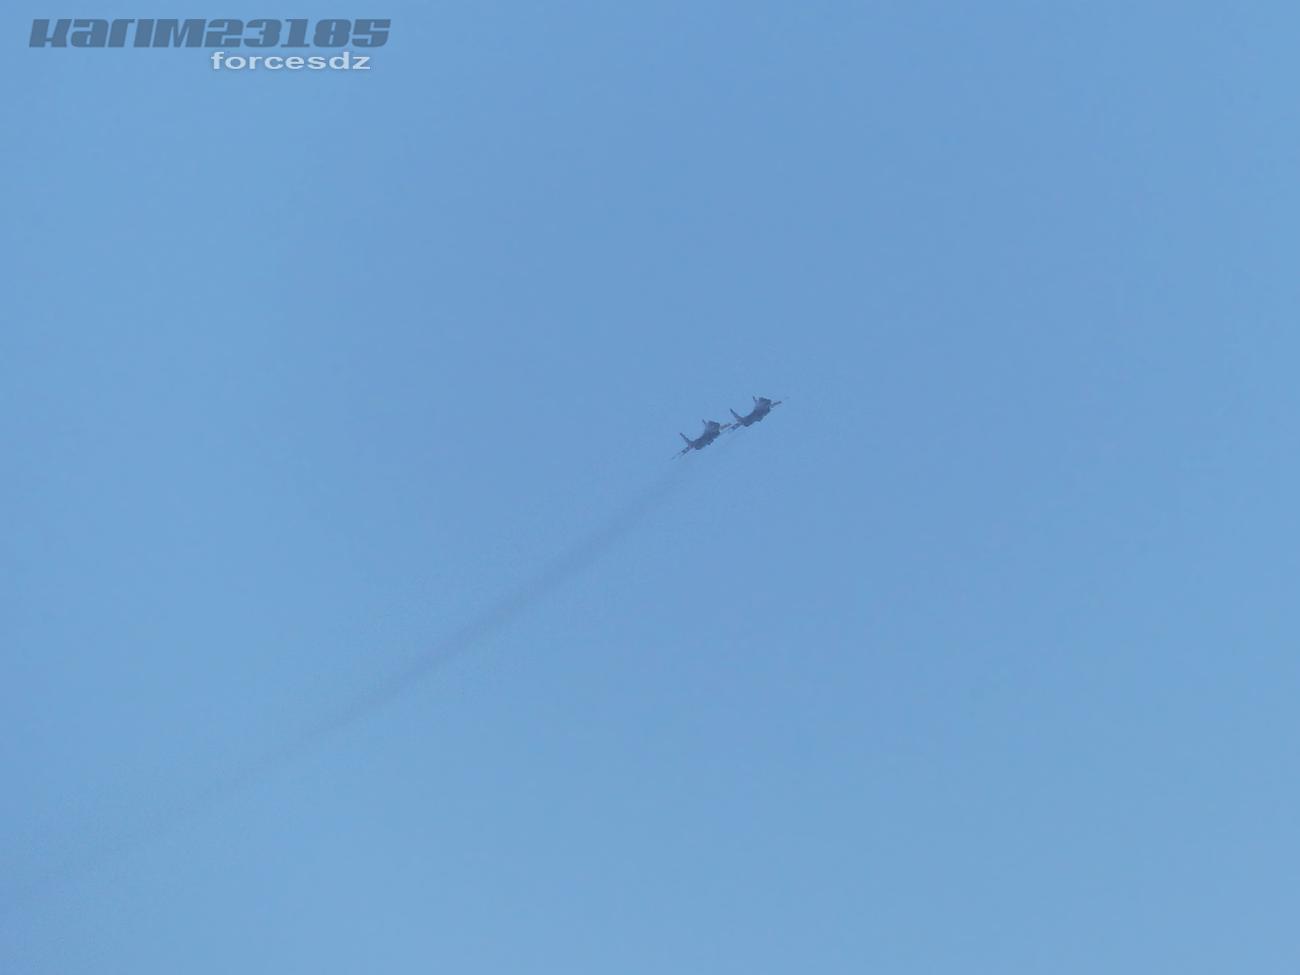 صور طائرات القوات الجوية الجزائرية  [ MIG-29S/UB / Fulcrum ] 1